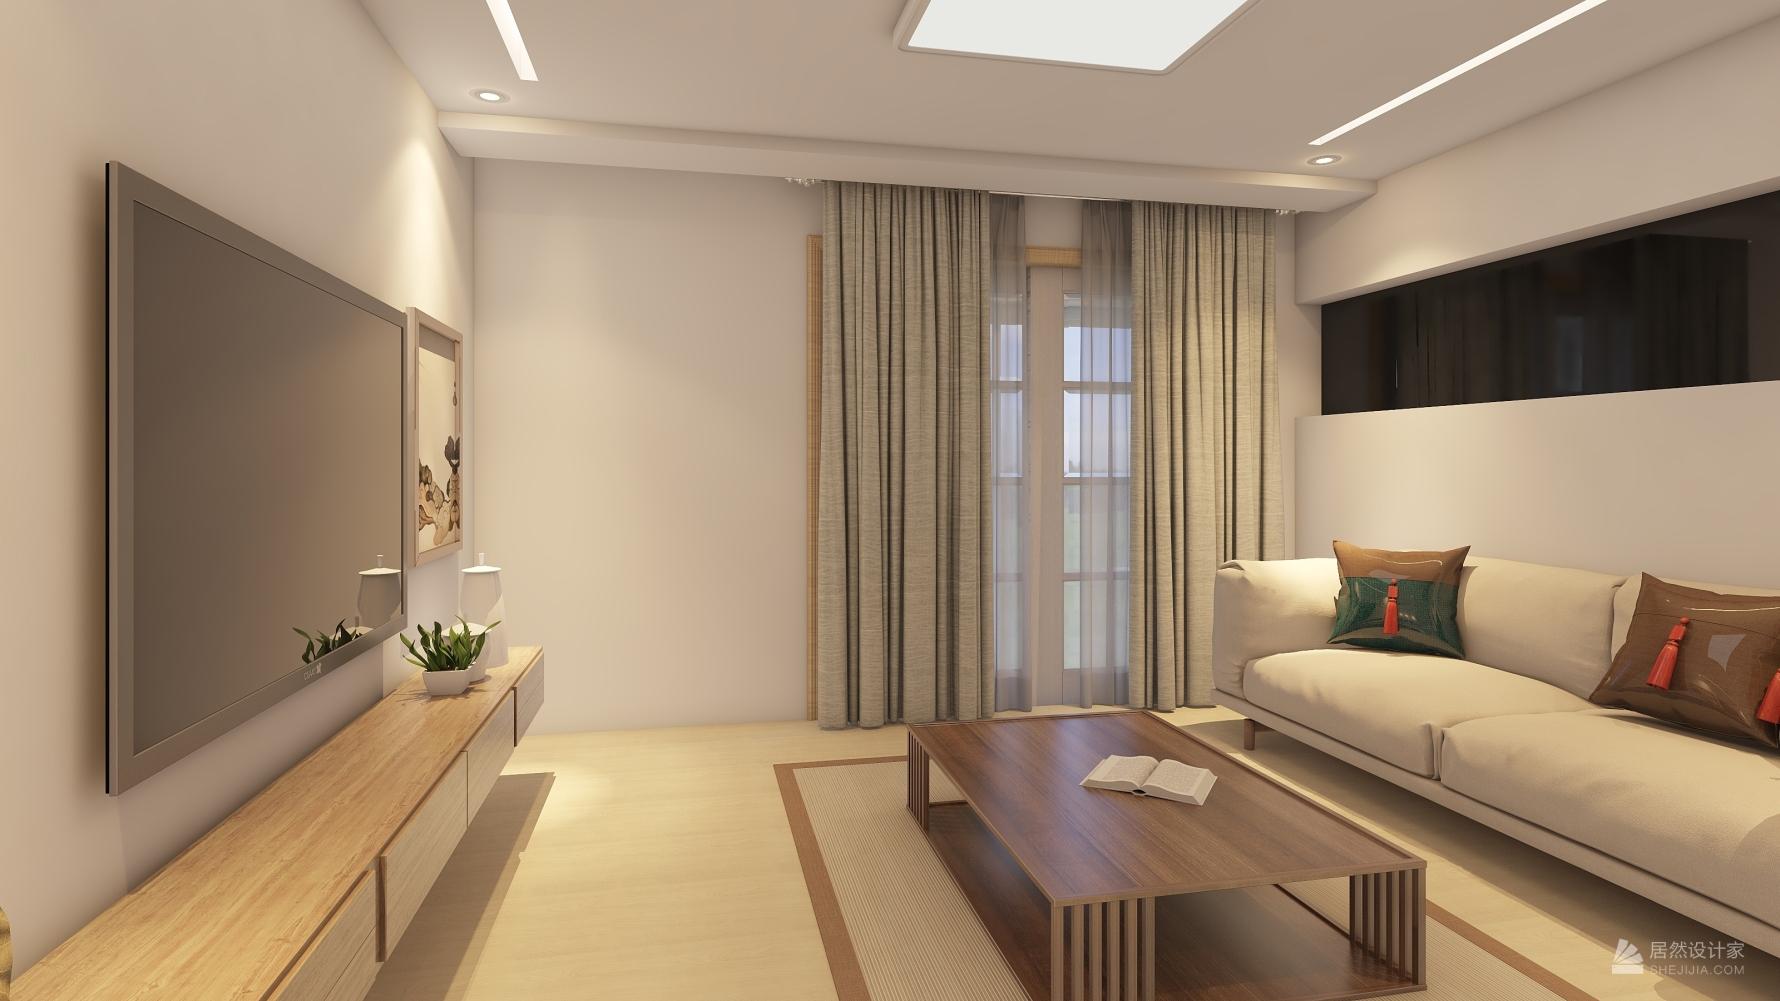 日式风格一室两厅装修设计图